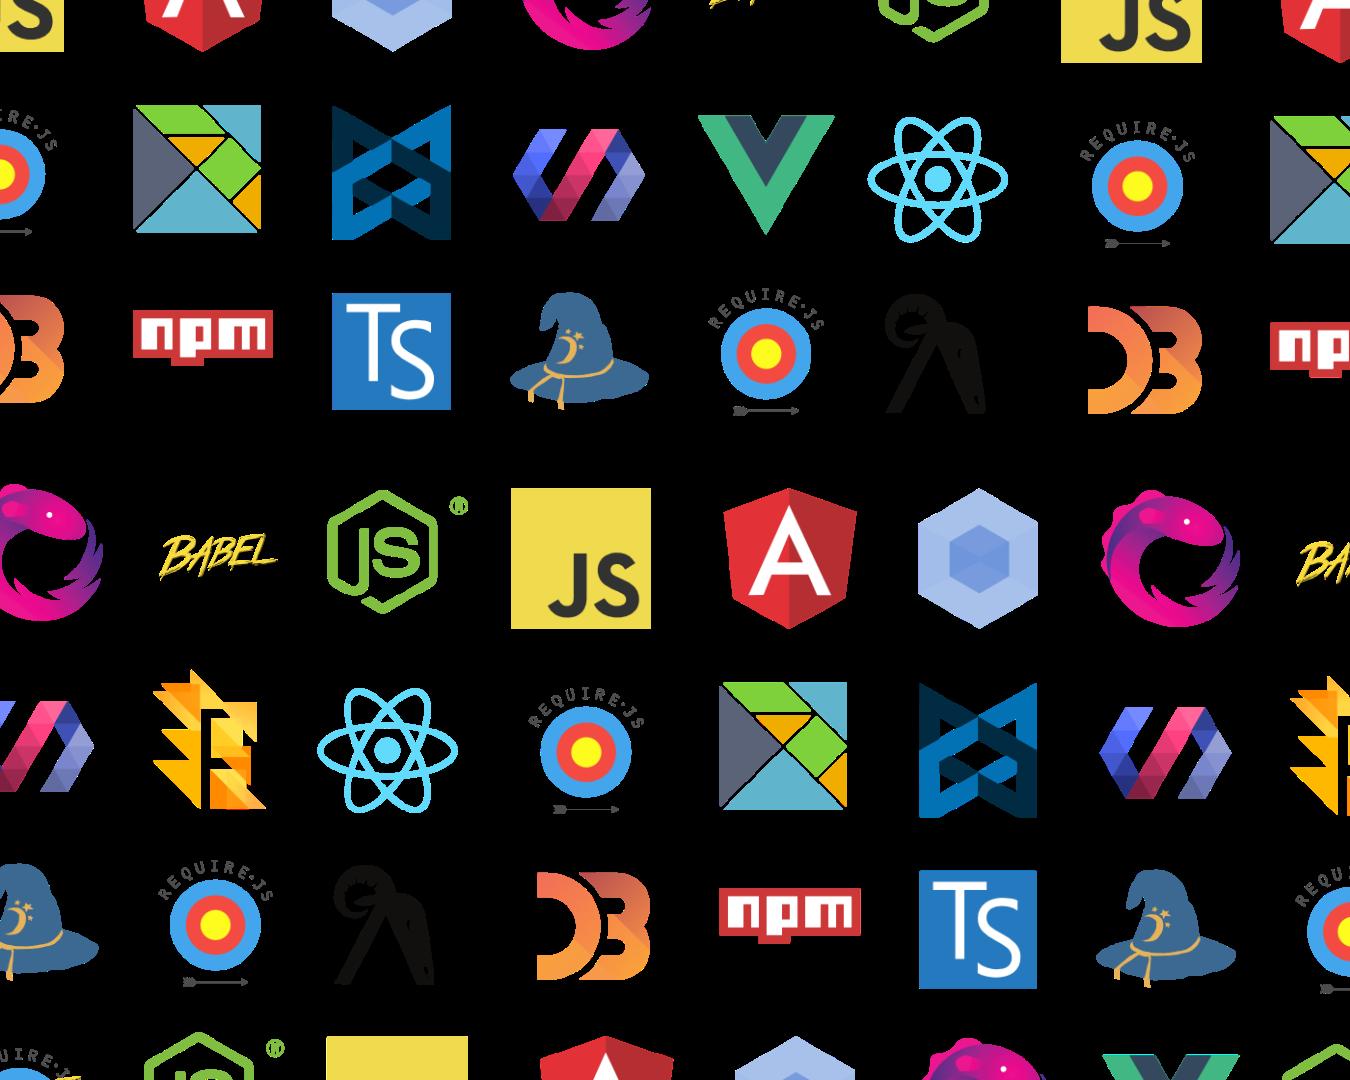 2016 年学习 Javascript 是什么感受?